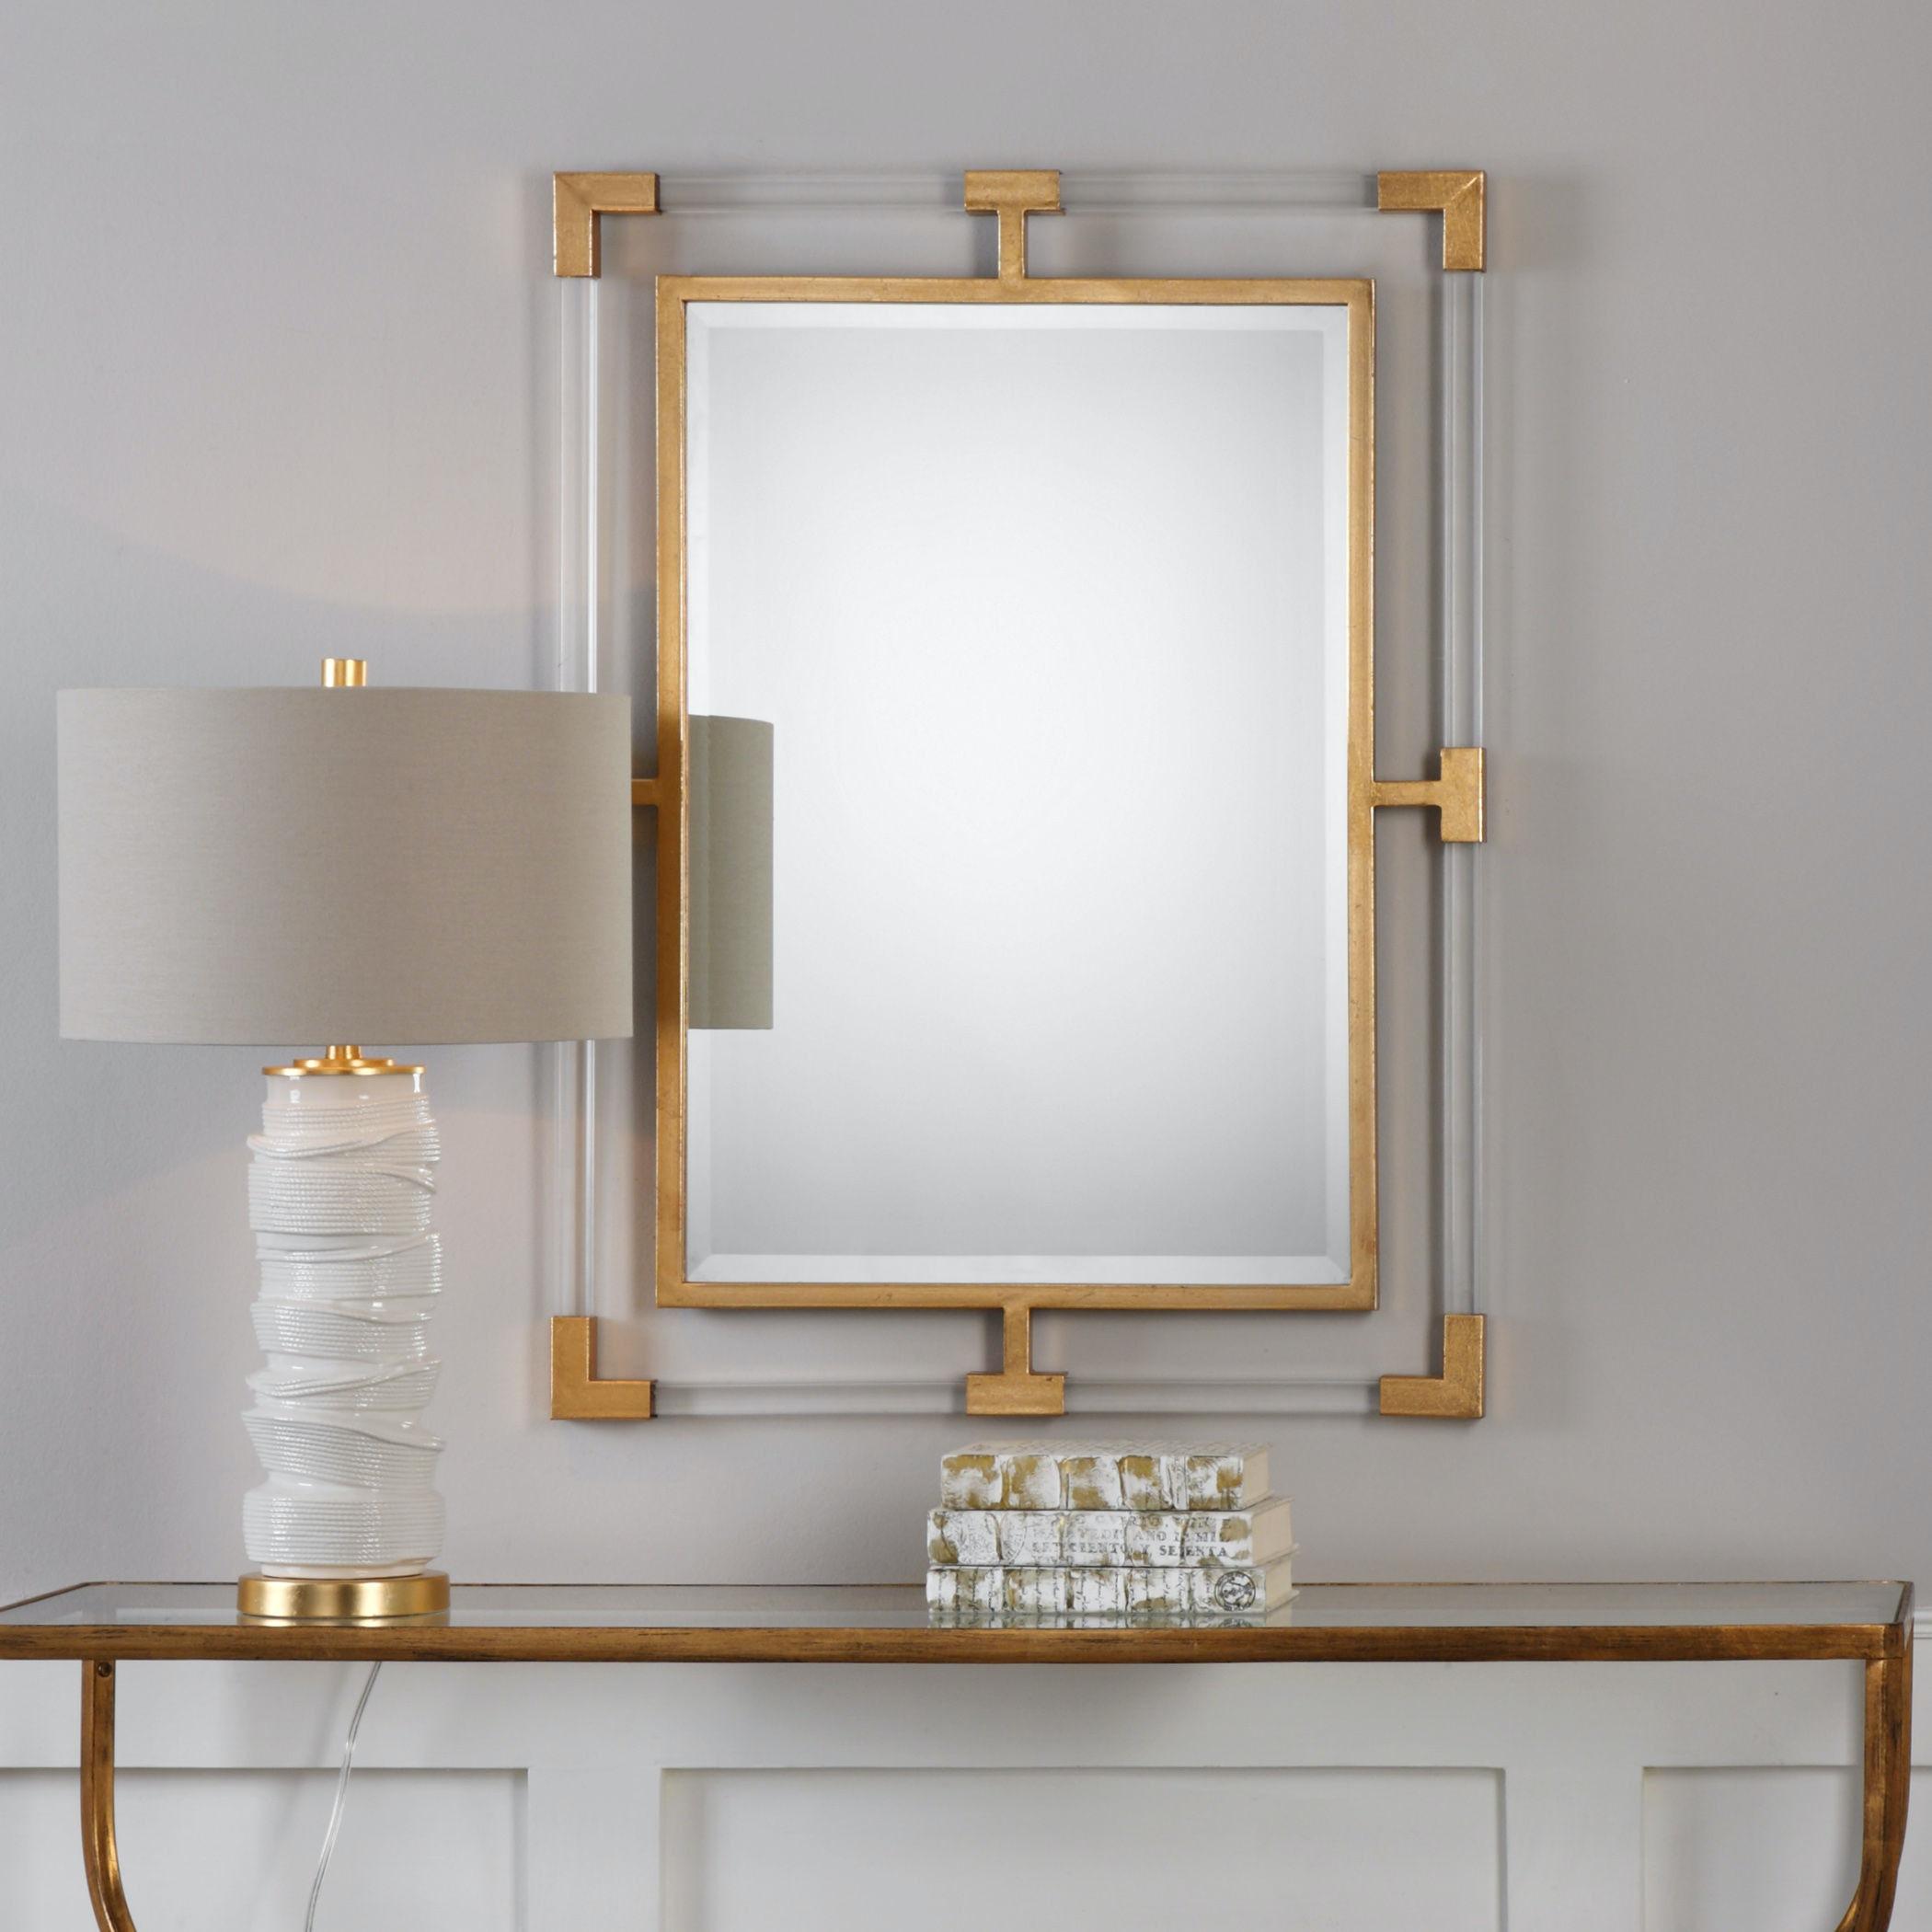 uttermost balkan modern gold wall mirror 09124 uttermost bedroom balkan modern gold wall mirror 09124      rh   mclaughlins